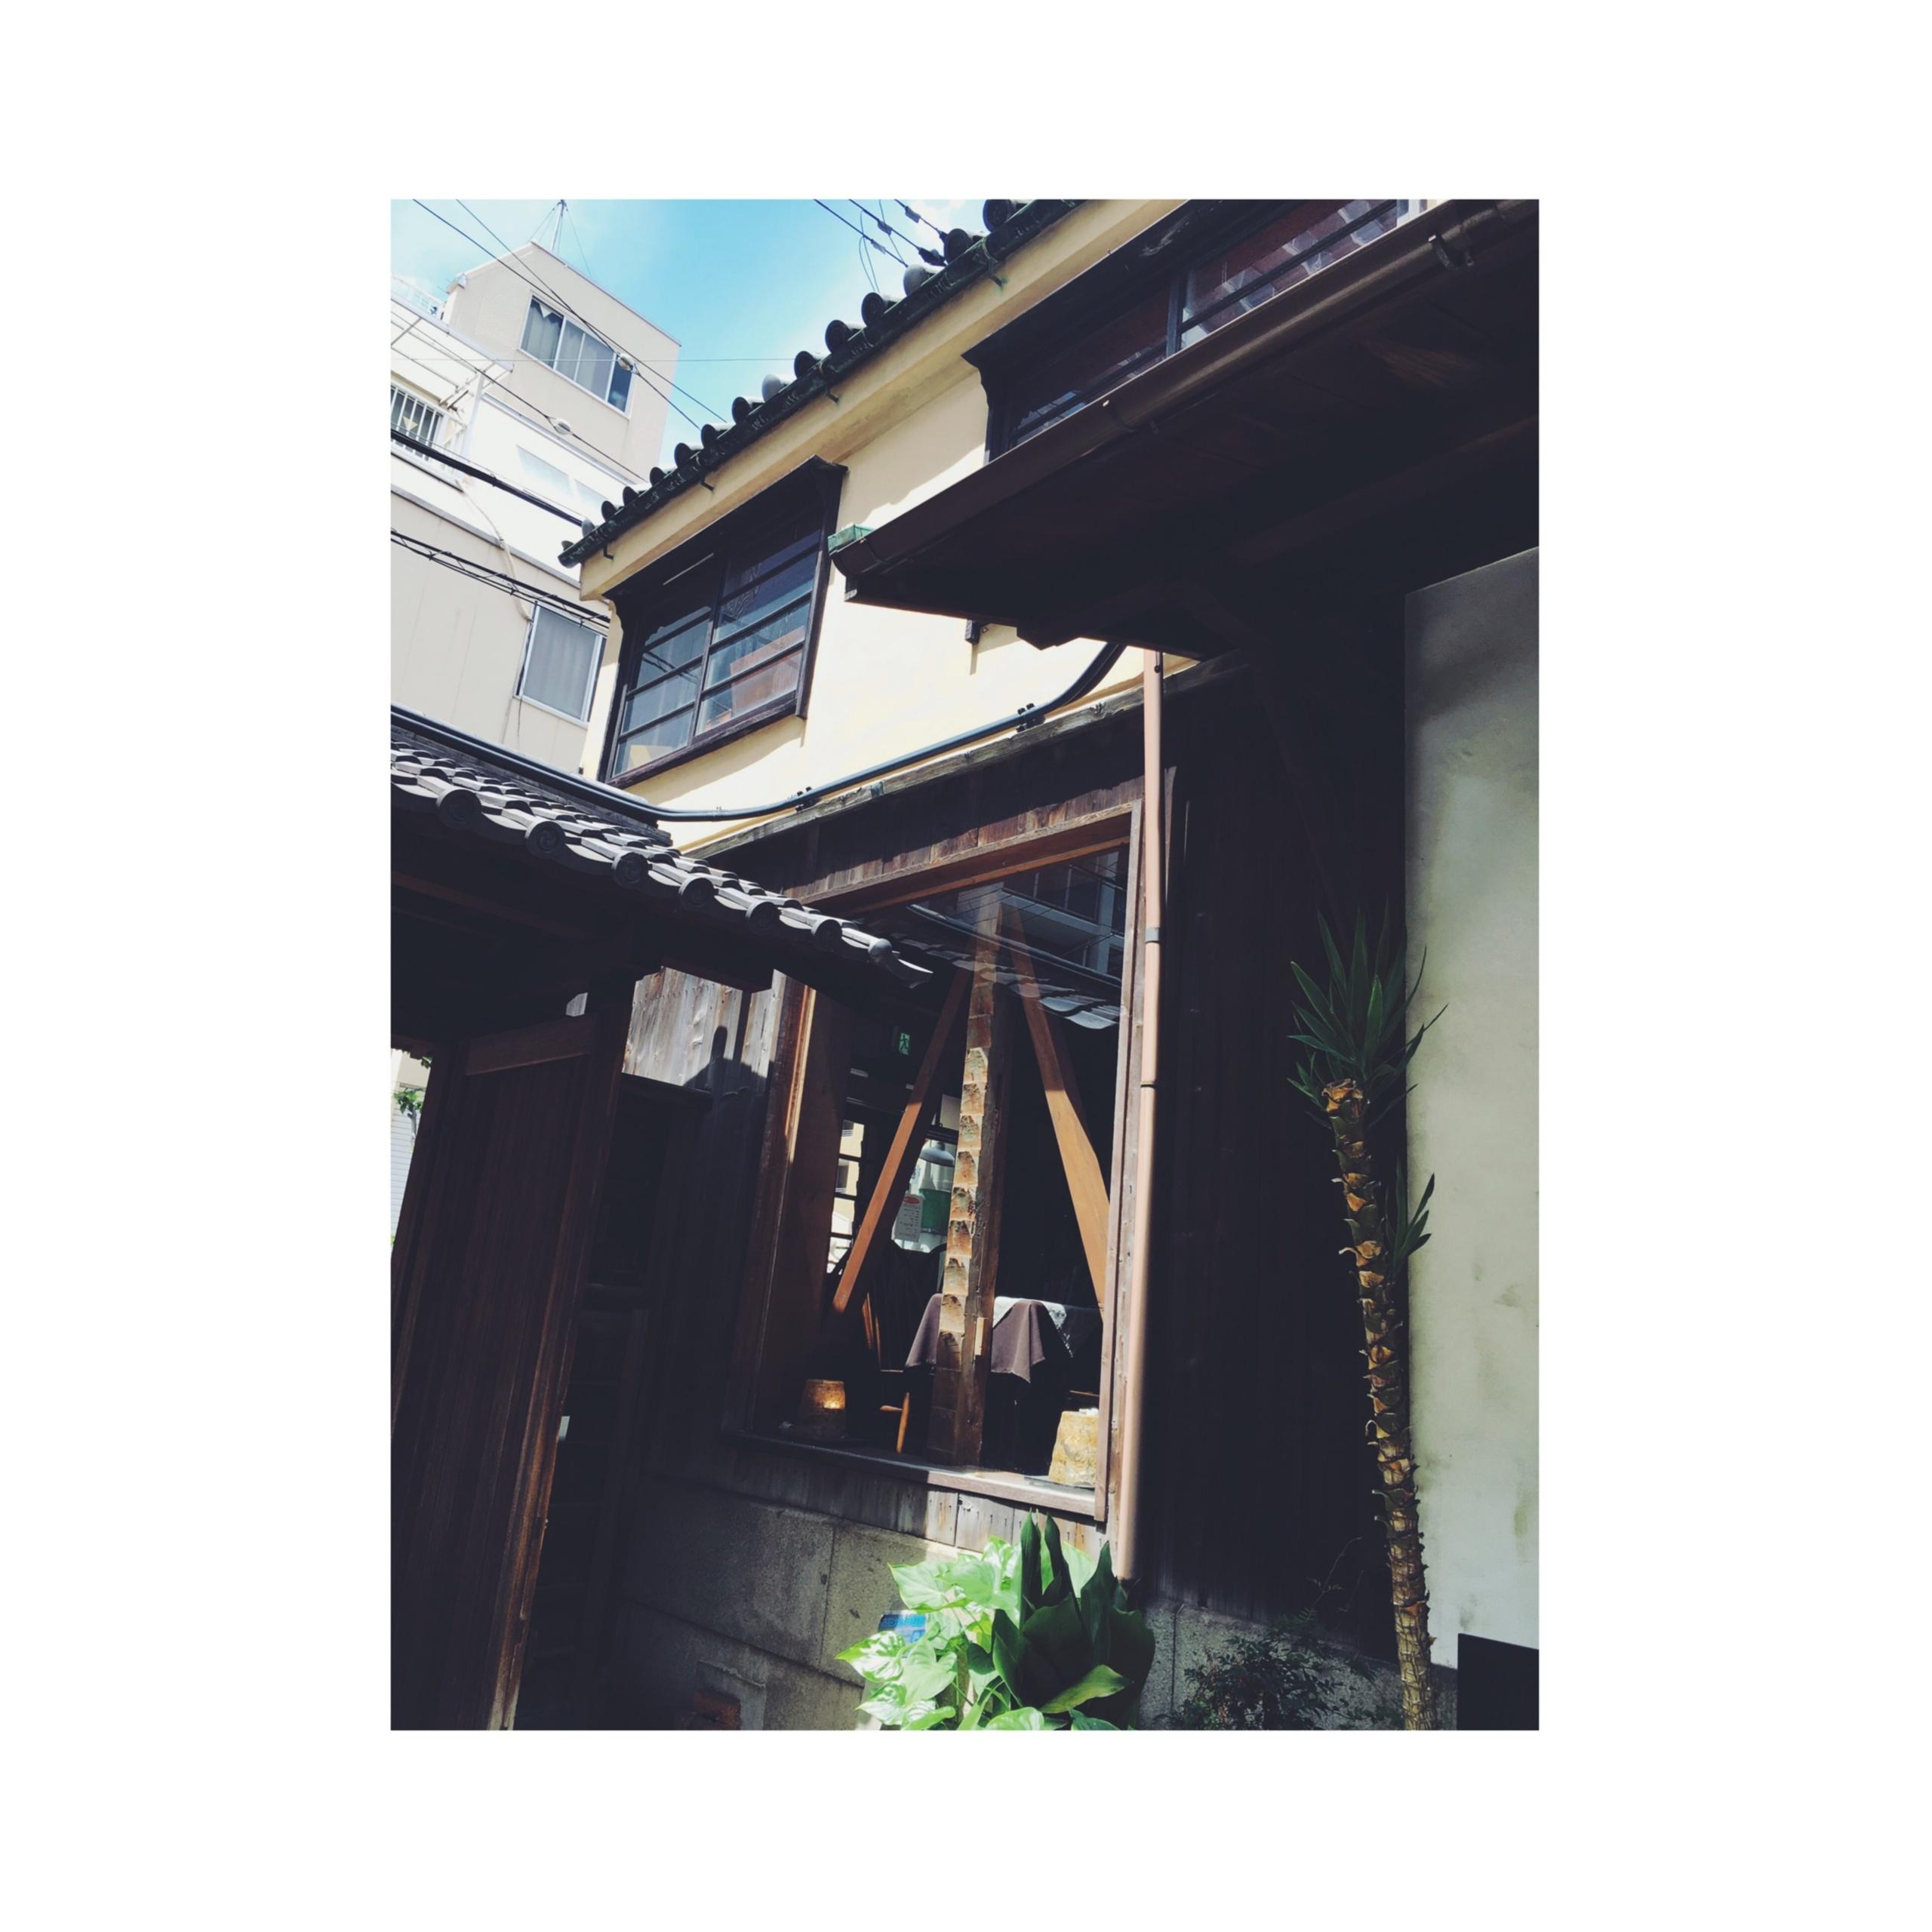 大阪のおしゃれなお土産特集《2019年》- 女子に人気のかわいいお土産や、JR新大阪駅のお土産ランキング_27